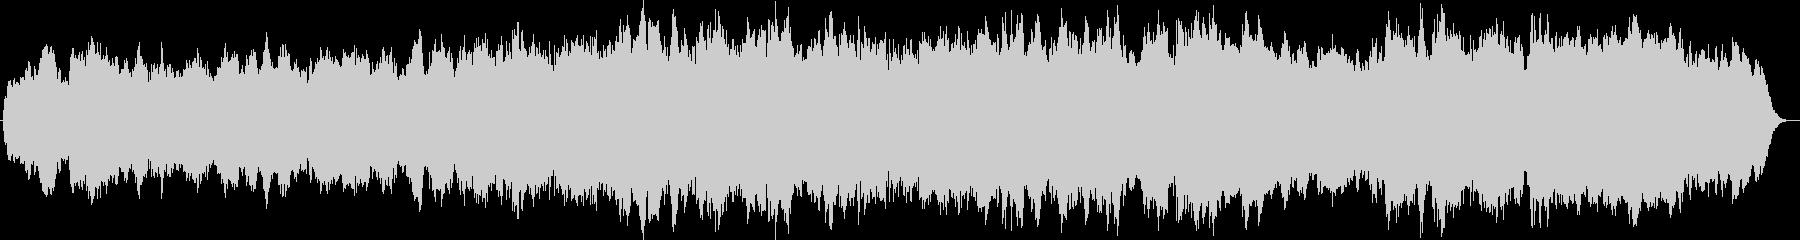 4声のバロックパイプオルガンオリジナル曲の未再生の波形